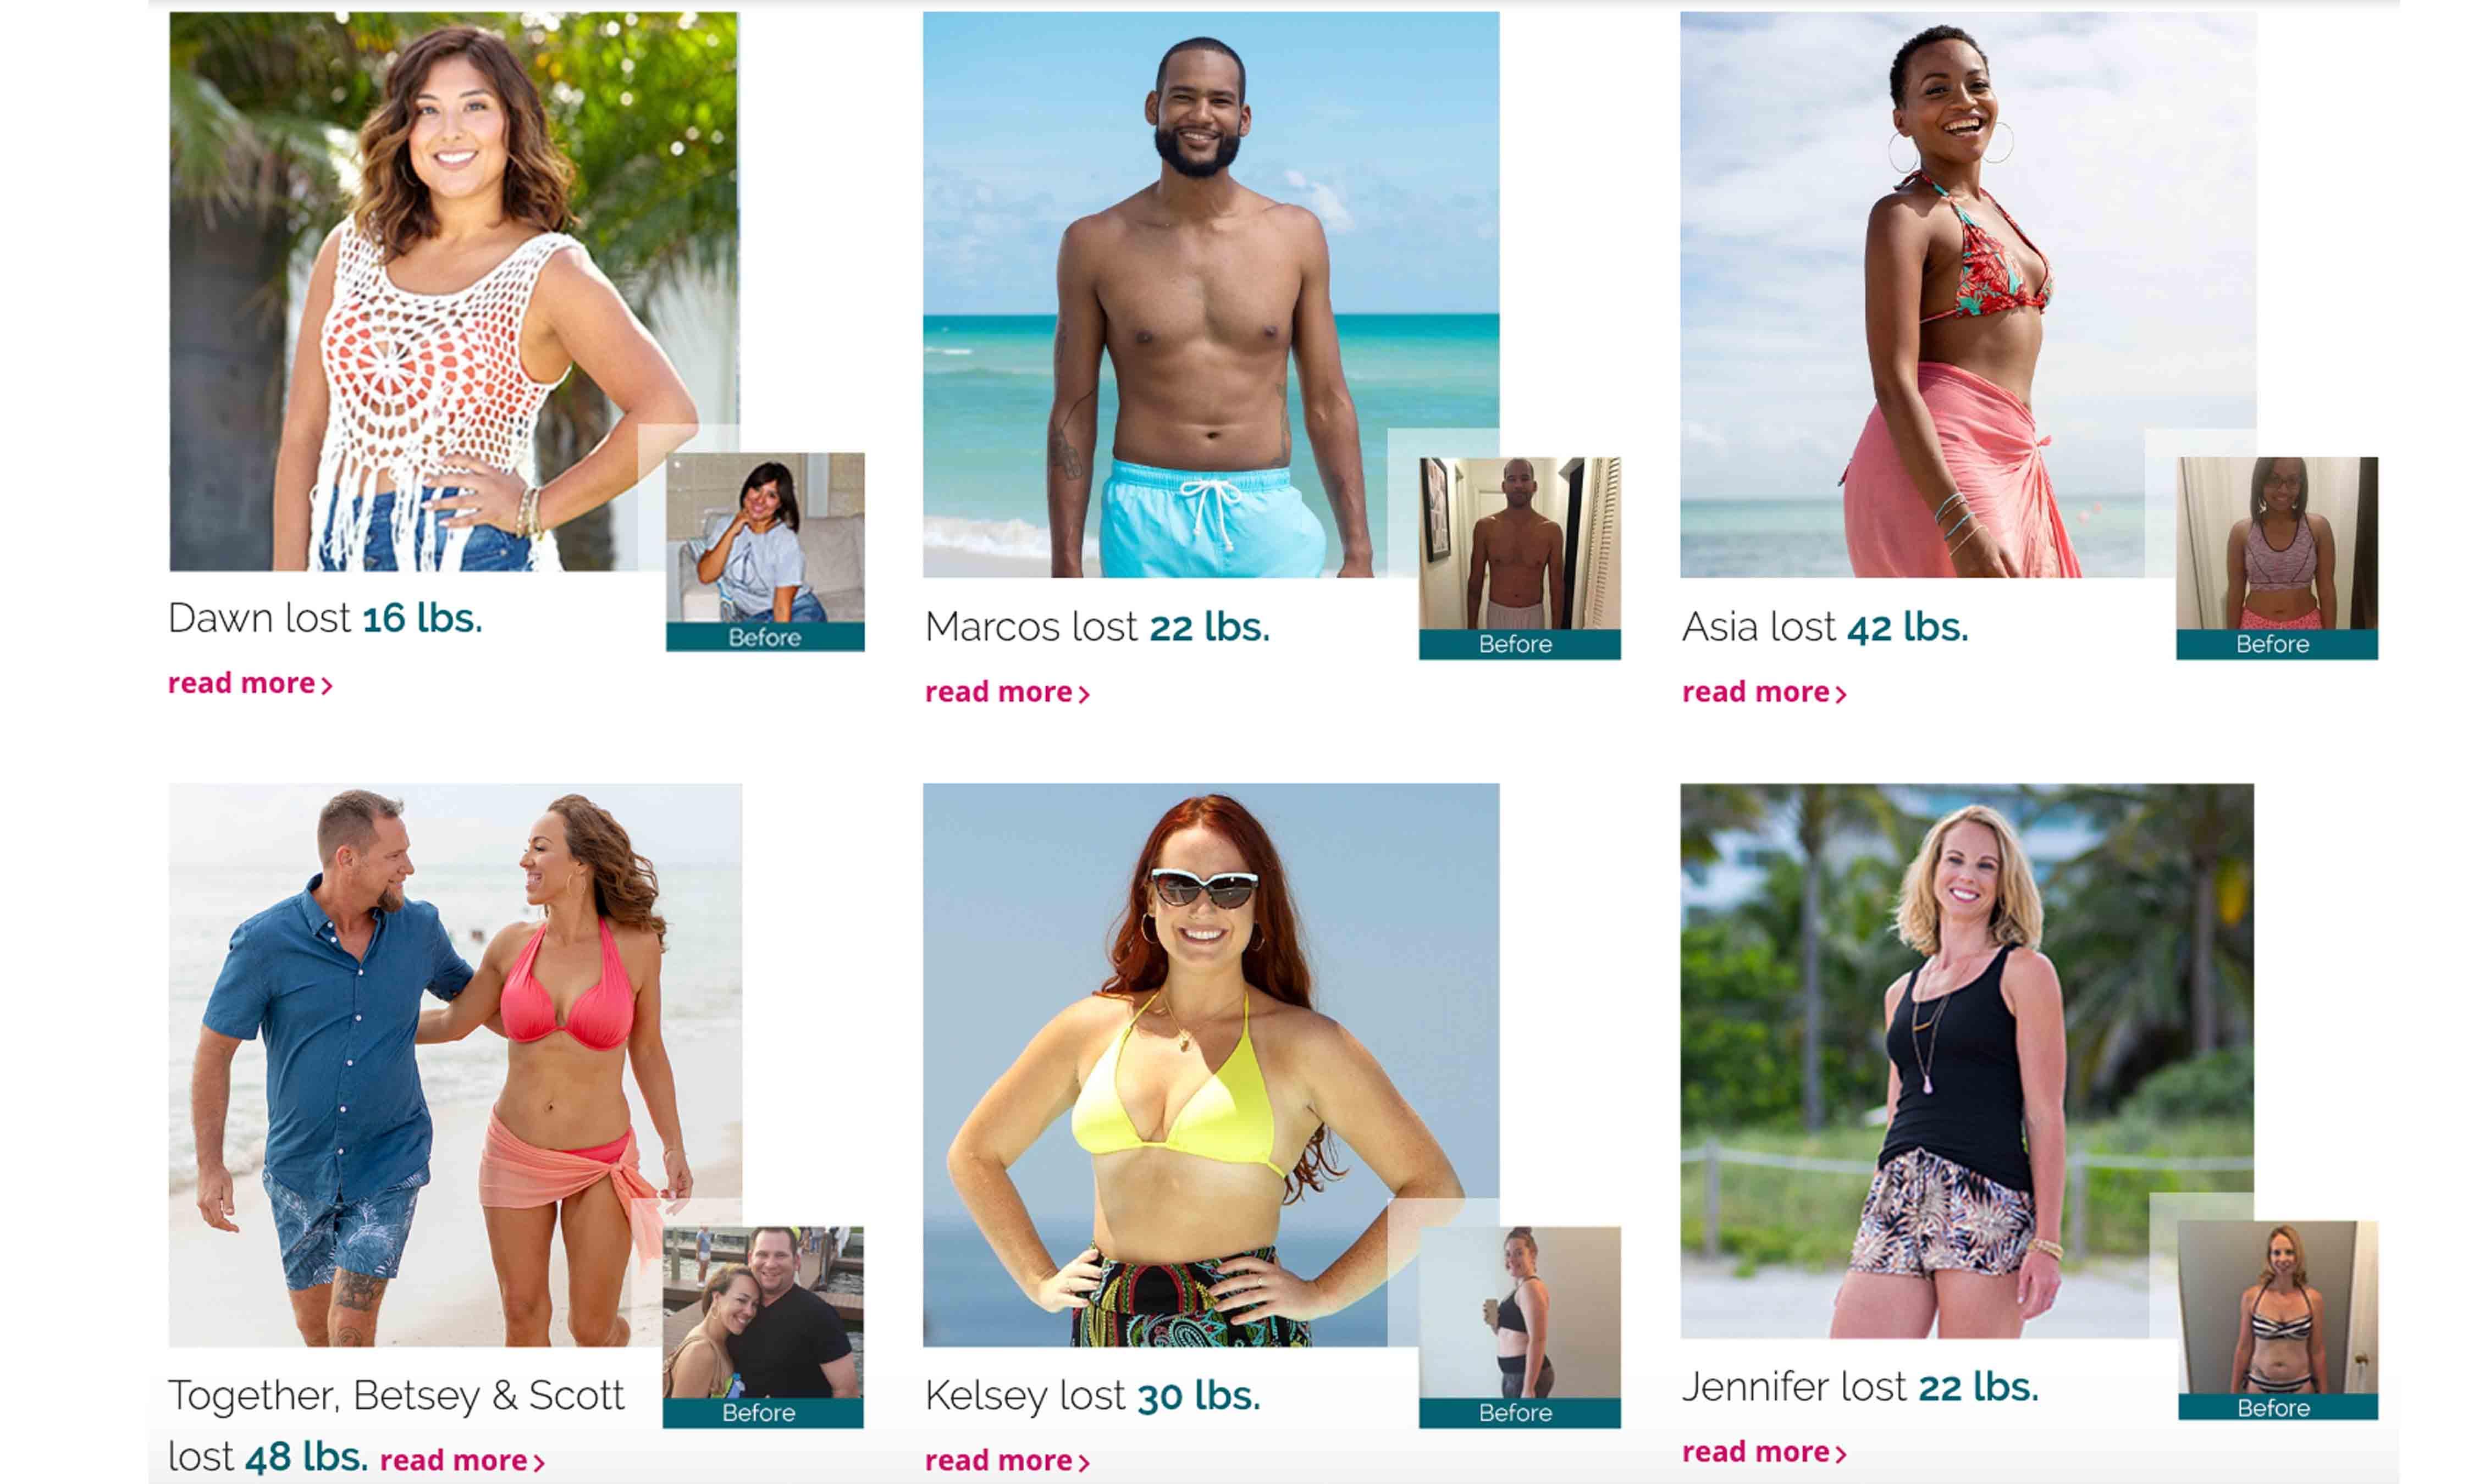 South Beach Diet Weight Loss Program